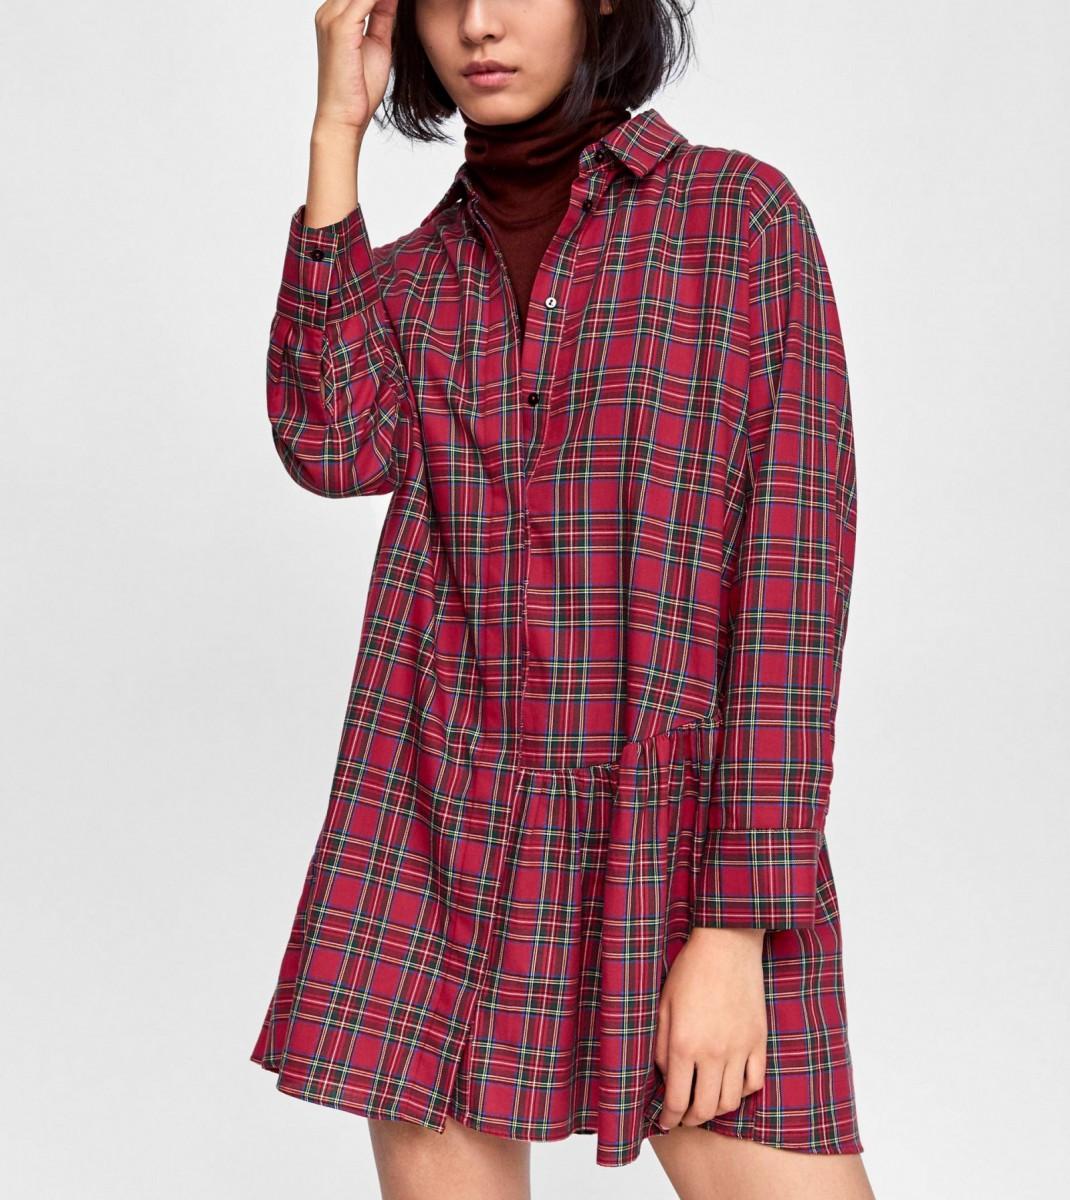 Tunique asymétrique vérifiée par Zara, au prix de 29,95 euros.